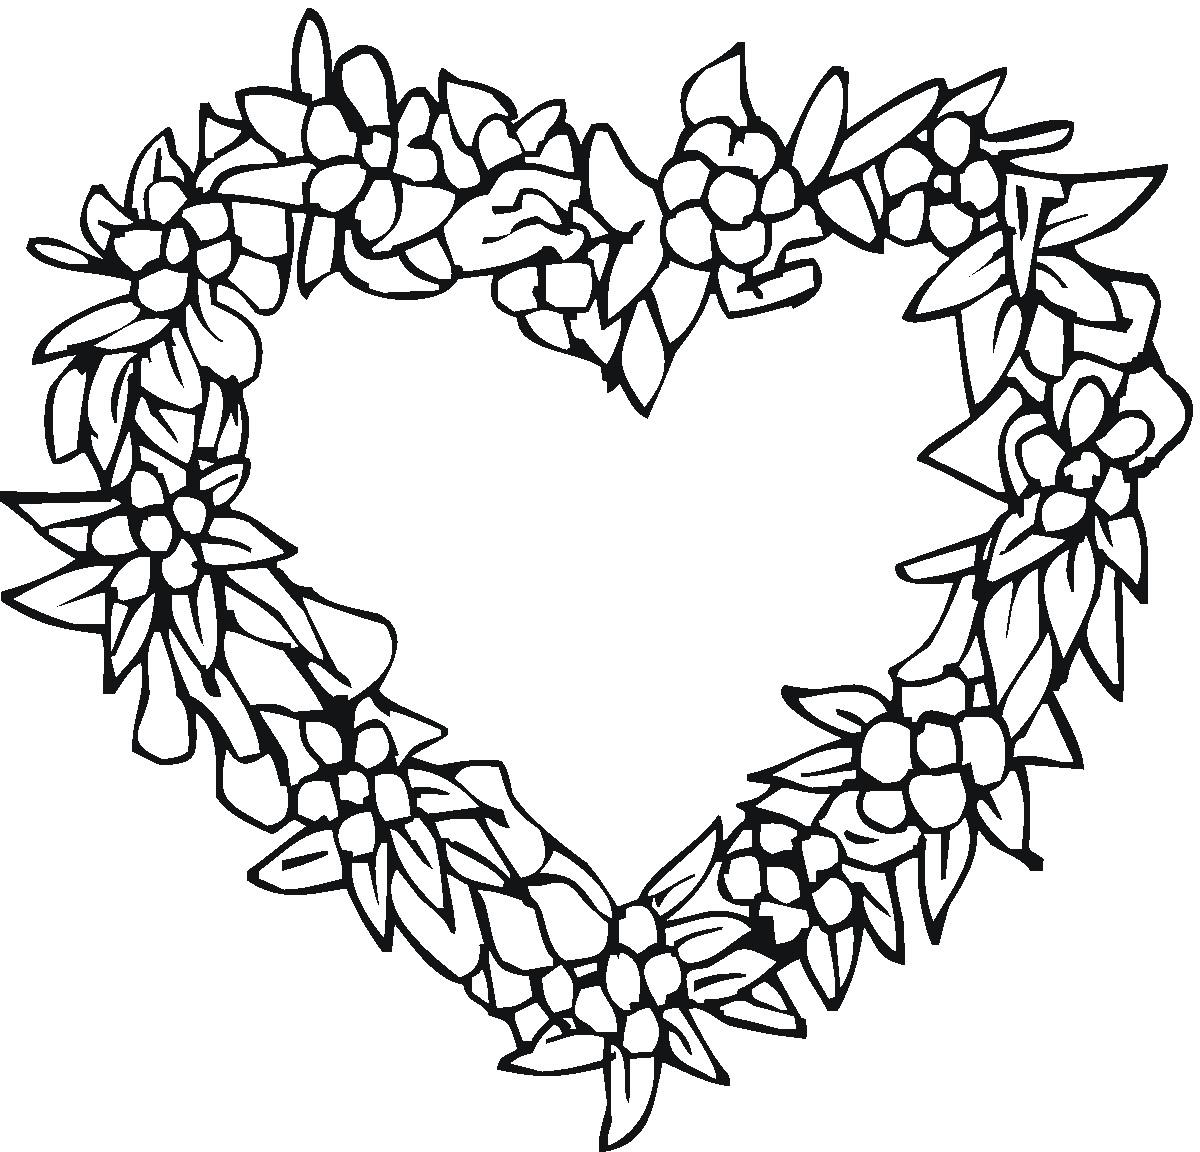 Tranh tô màu vòng hoa đẹp nhất